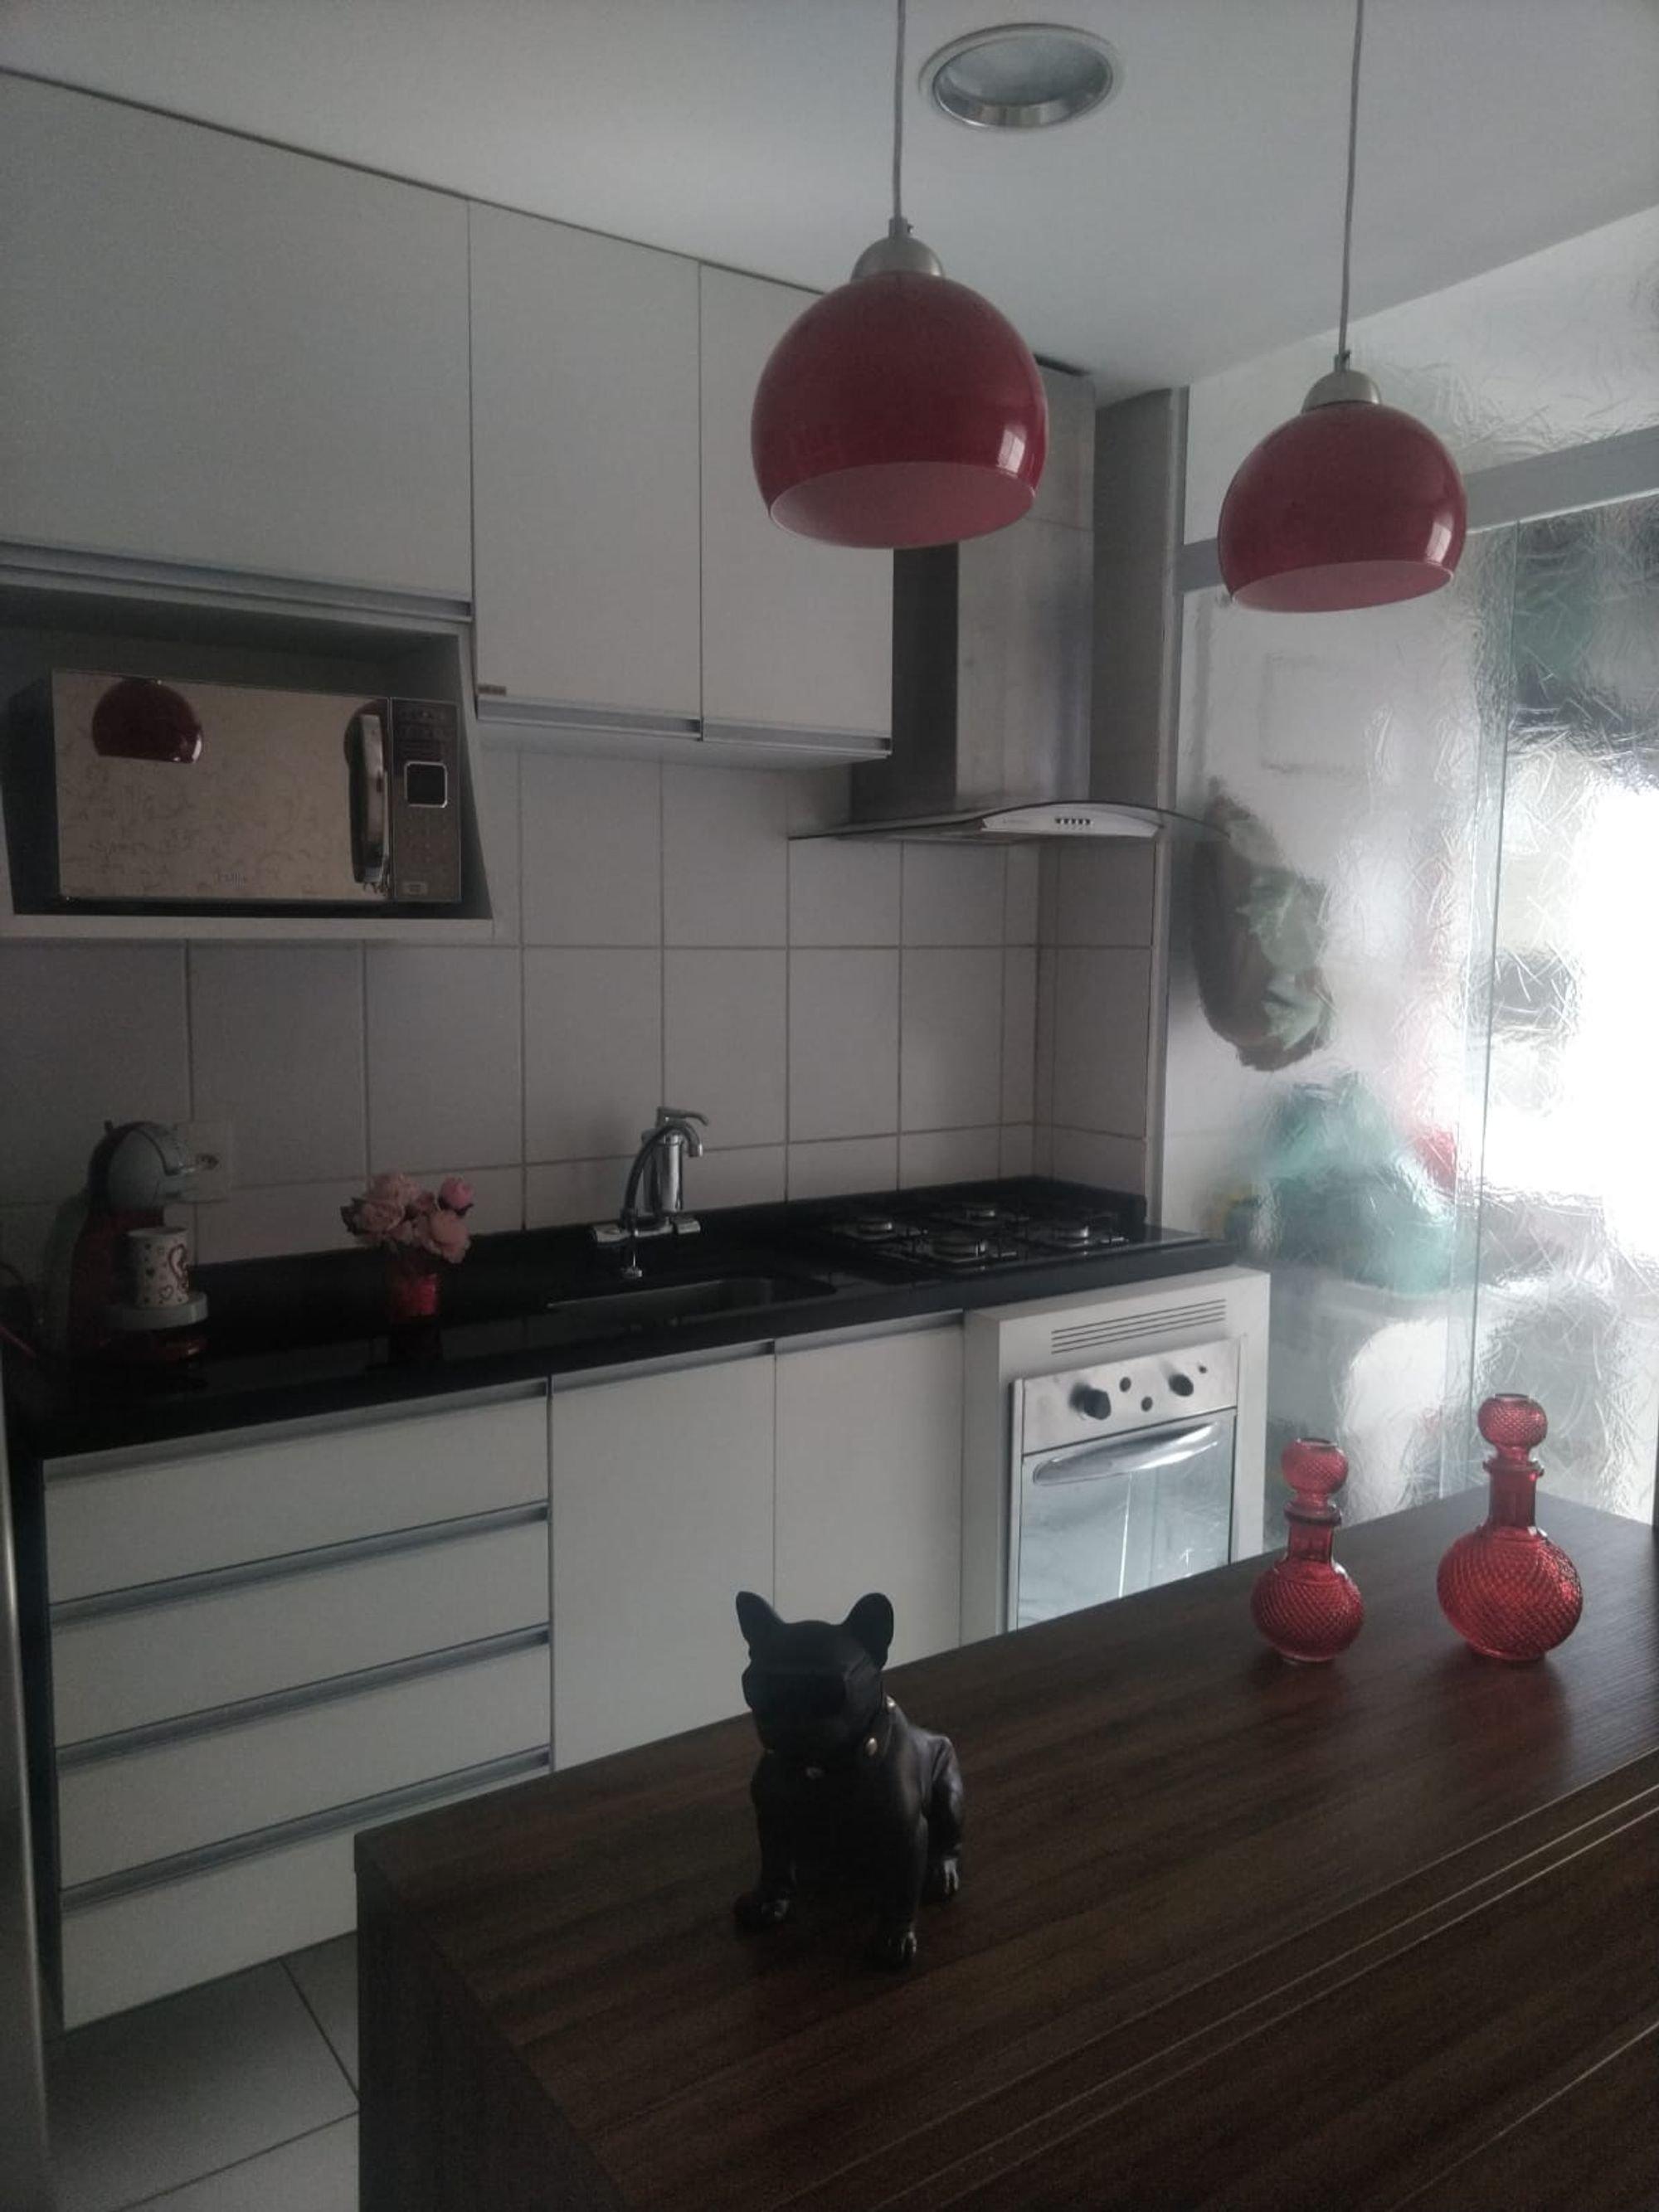 Foto de Cozinha com forno, cão, vaso